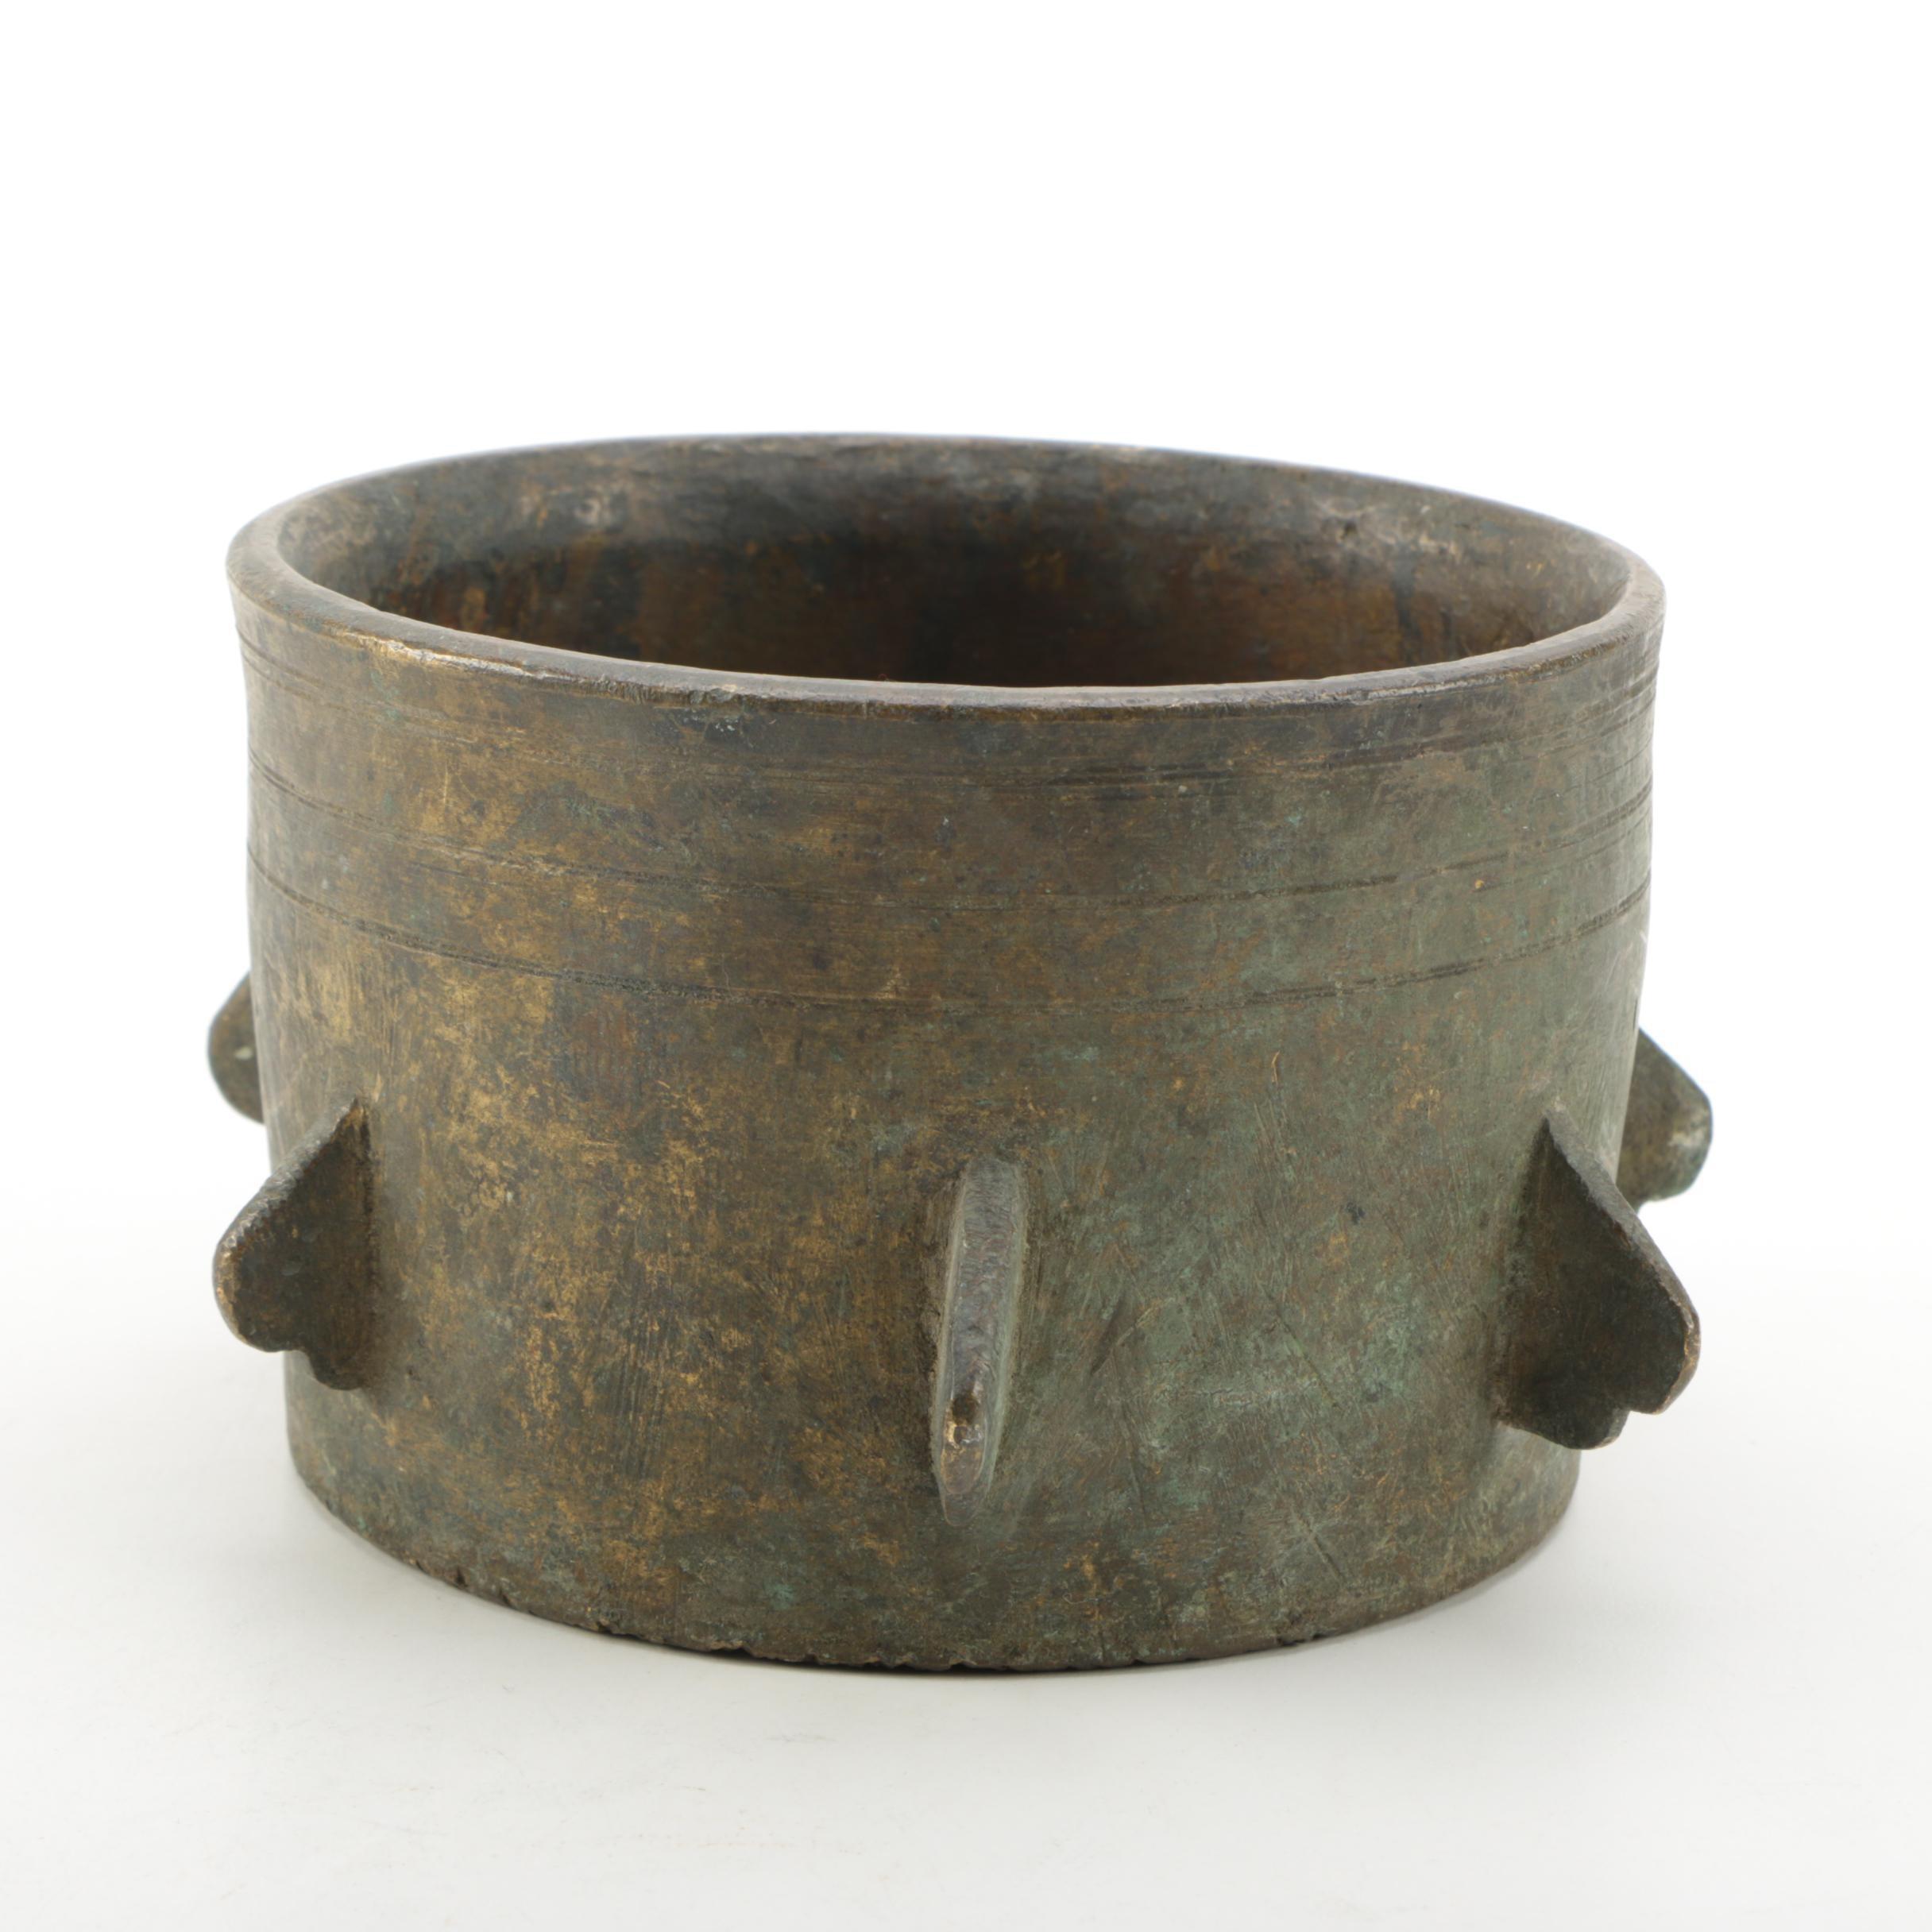 Antique Alloy Metal Mortar